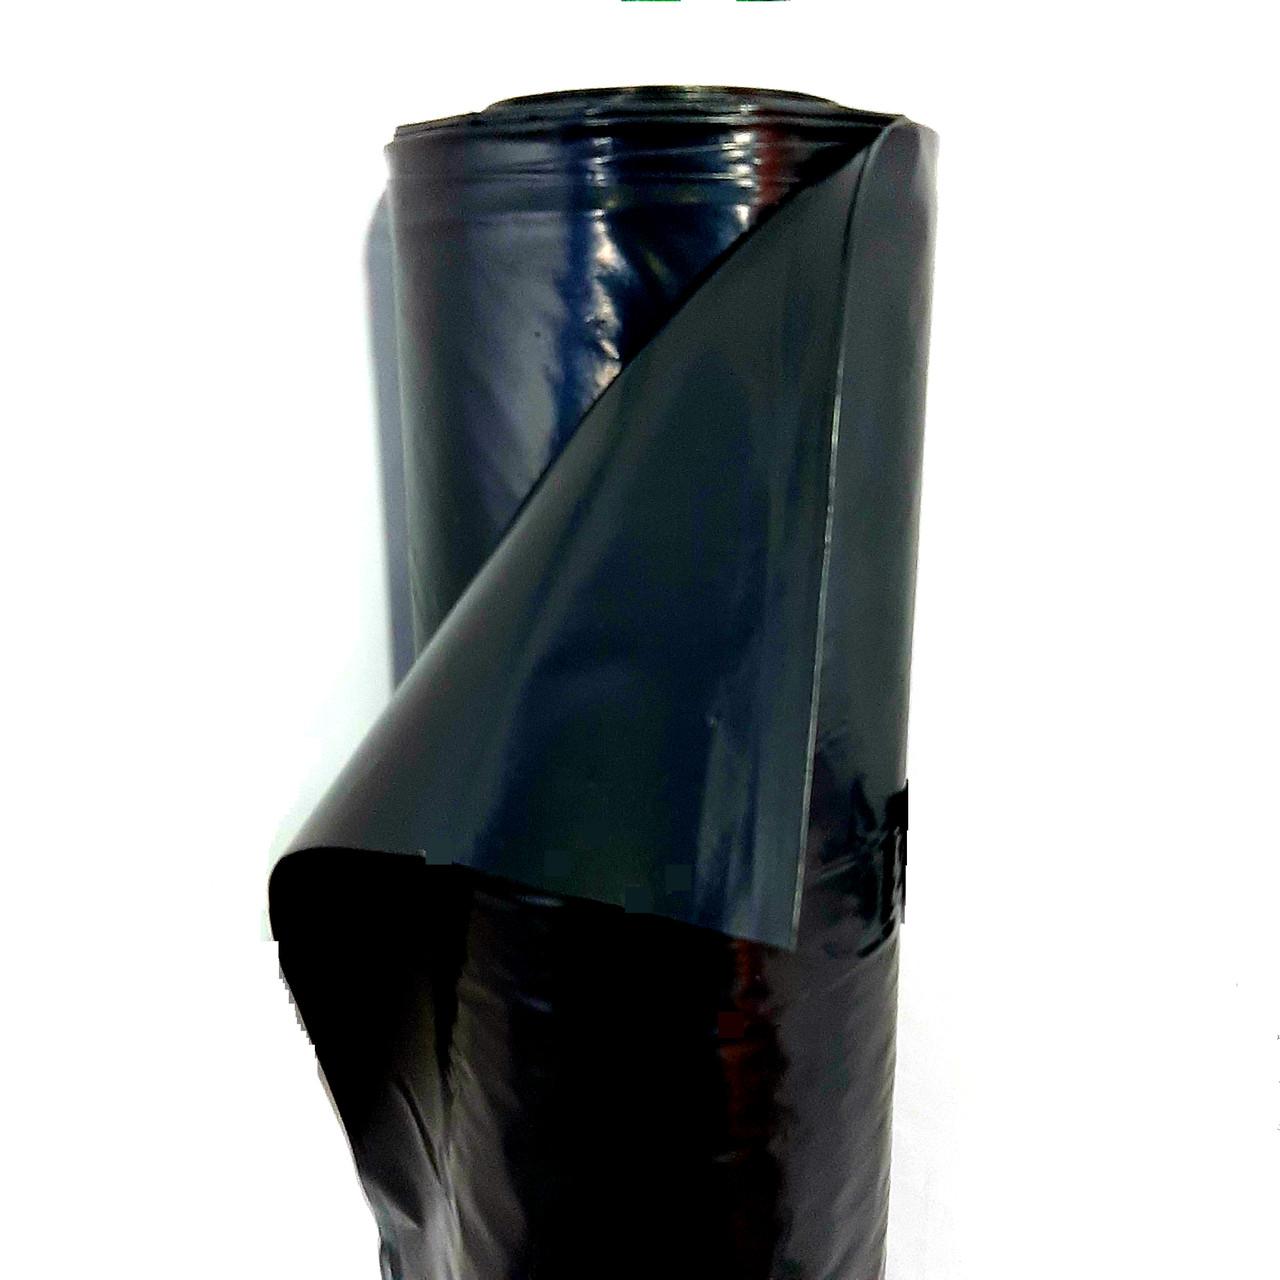 Пленка черная, 40мкм 3м/100м. полиэтиленовая (для мульчирования, строительная).